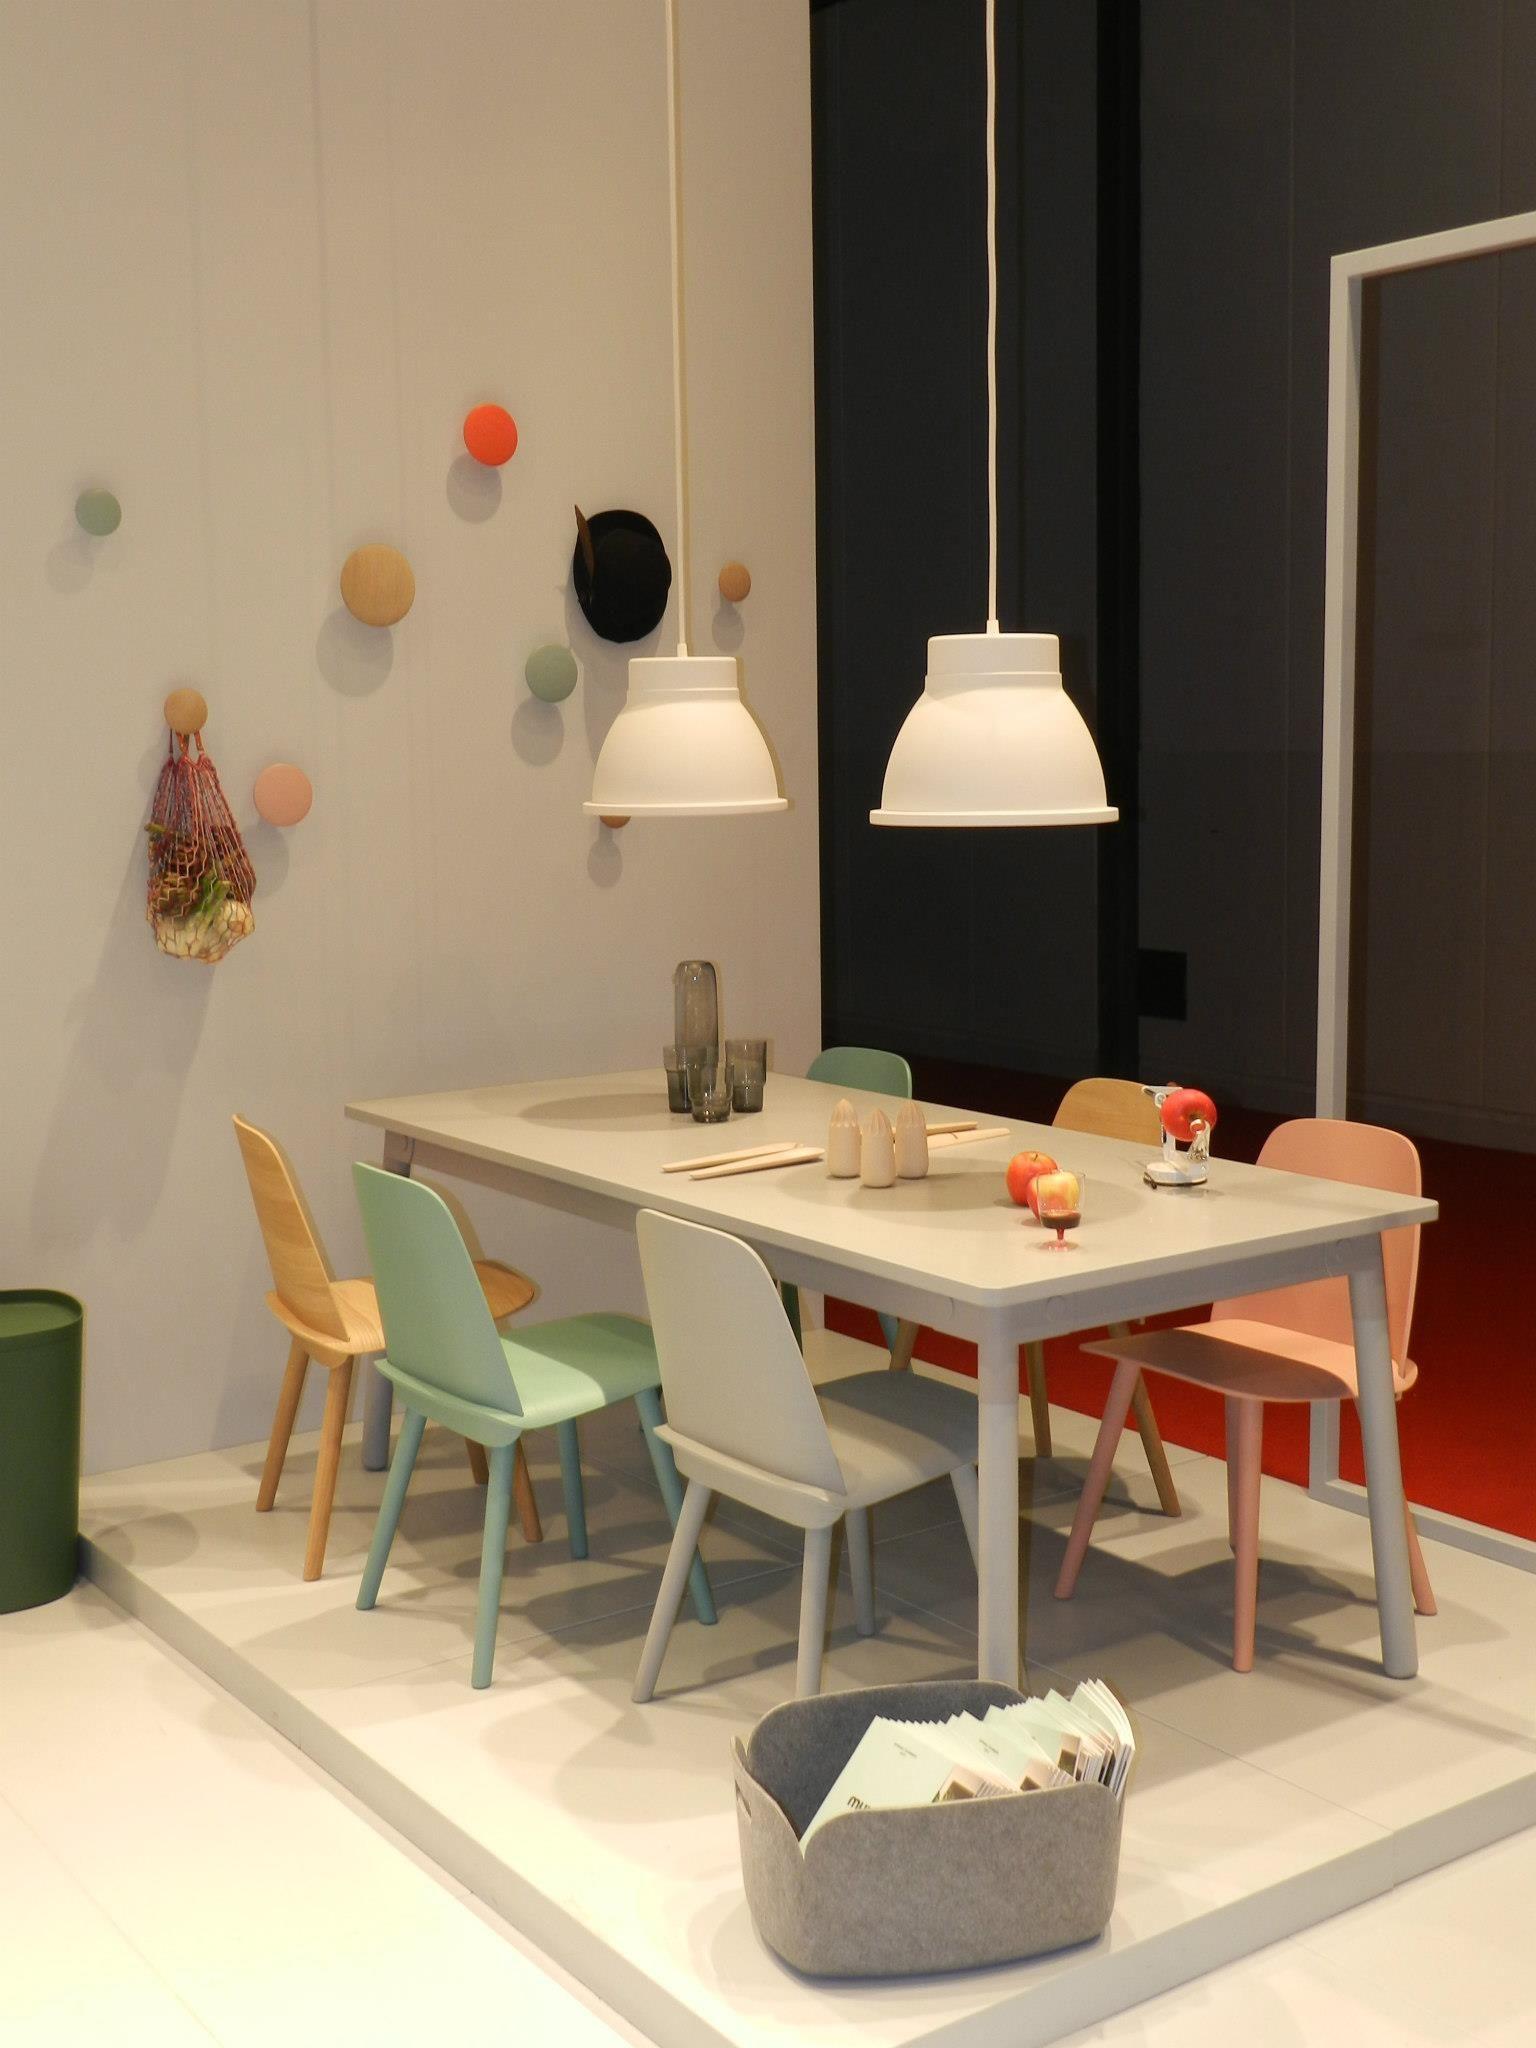 Muuto: Adaptable Table, Studio Lamp, Nerd Chair, Restore Mand, Dots  Wandhaken